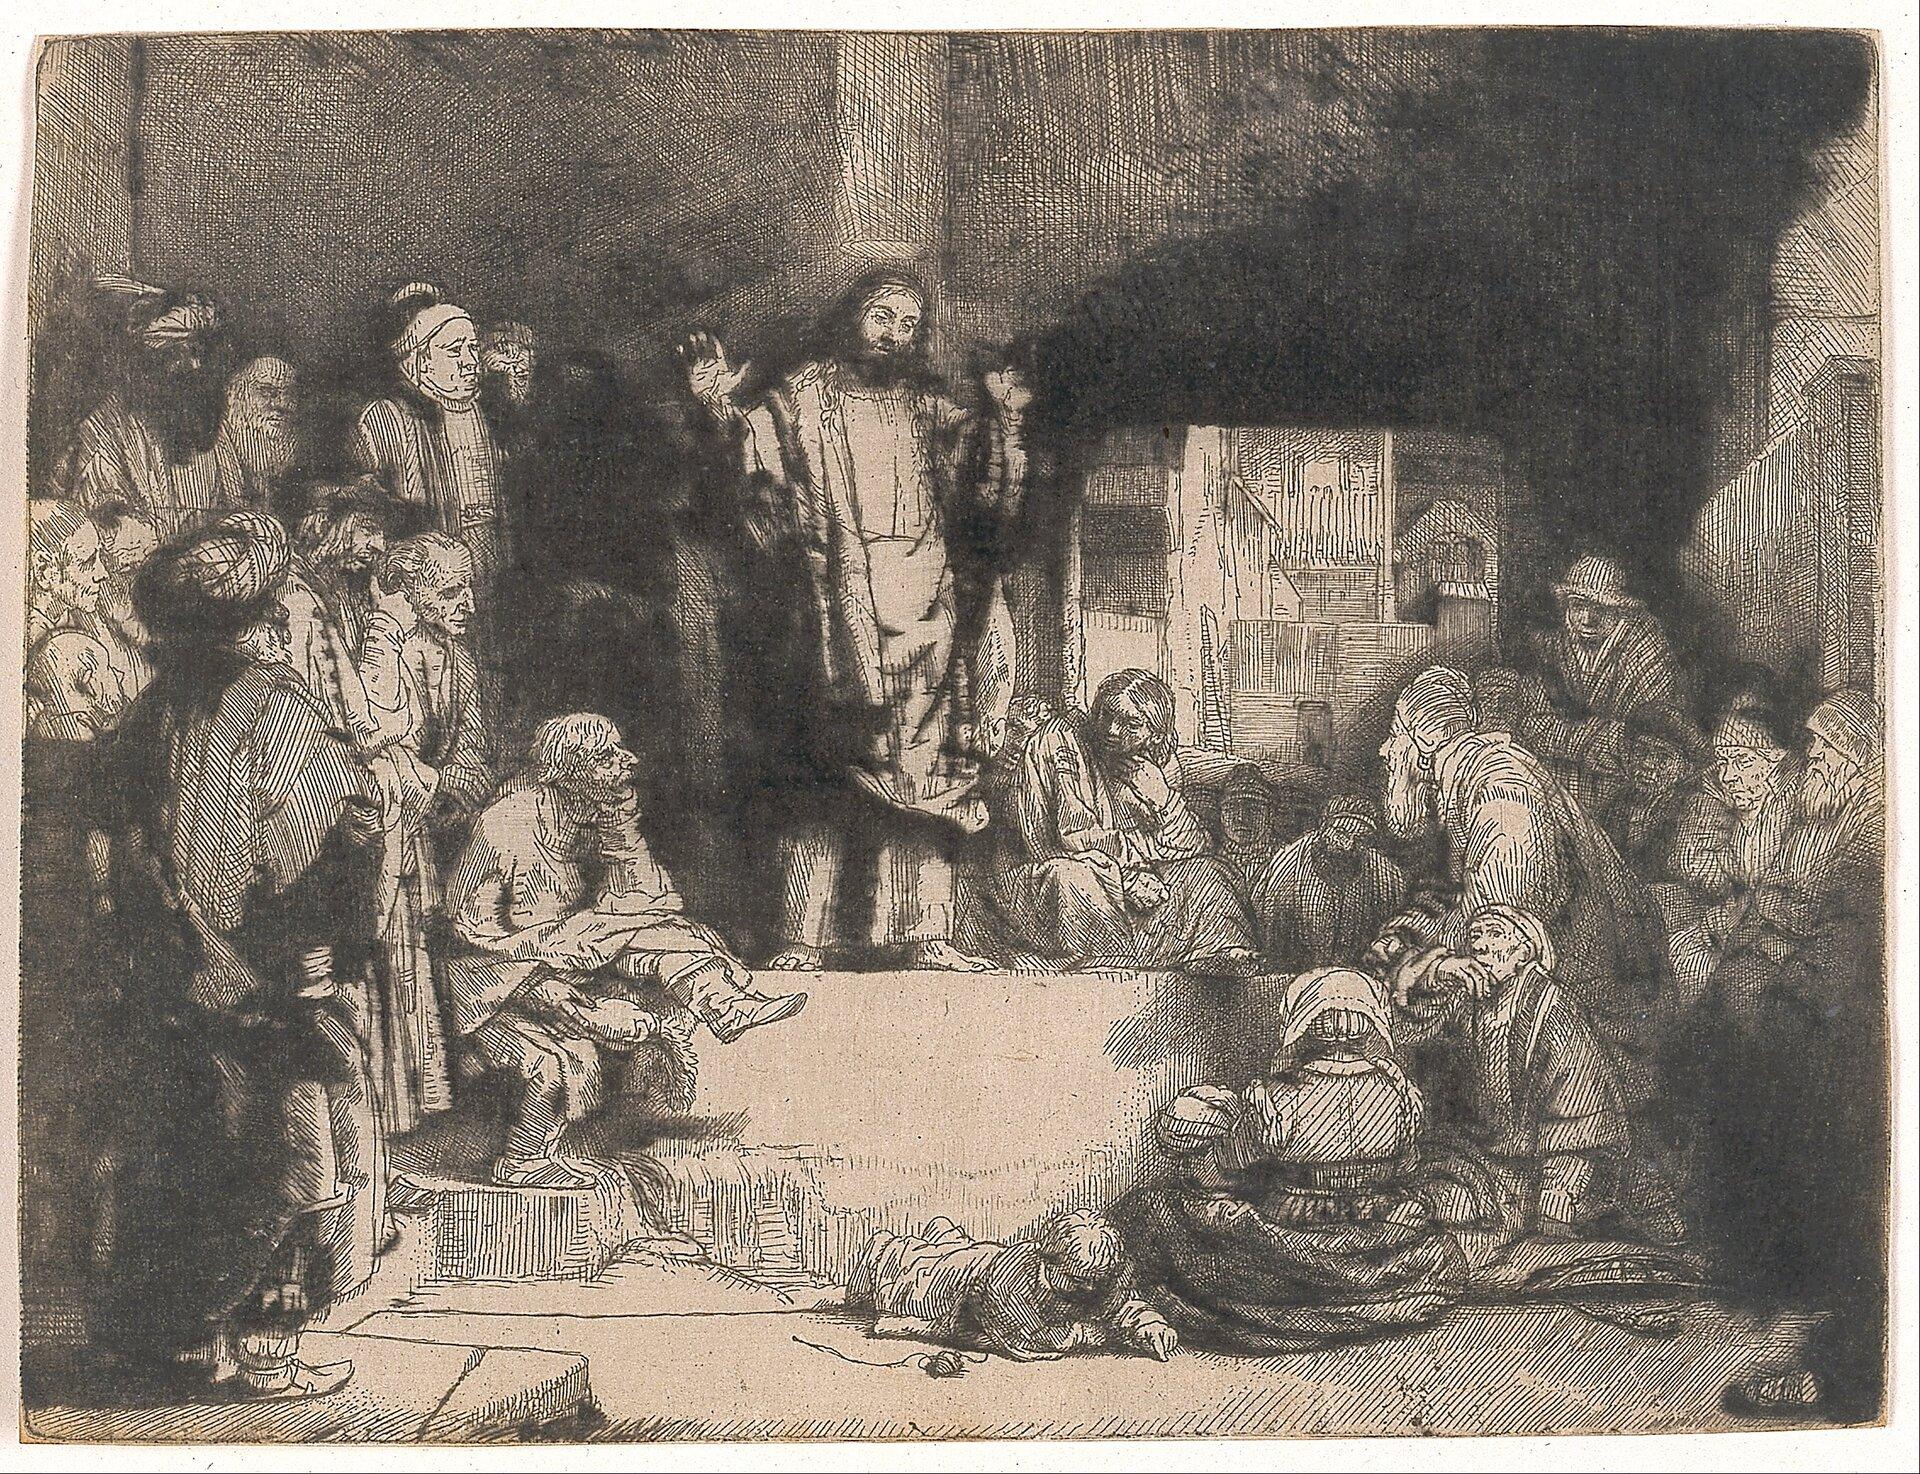 Chrystus nauczający Źródło: Rembrandt van Rijn, Chrystus nauczający, ok.1652, grafika, Saint Louis Art Museum, Saint Louis, domena publiczna.